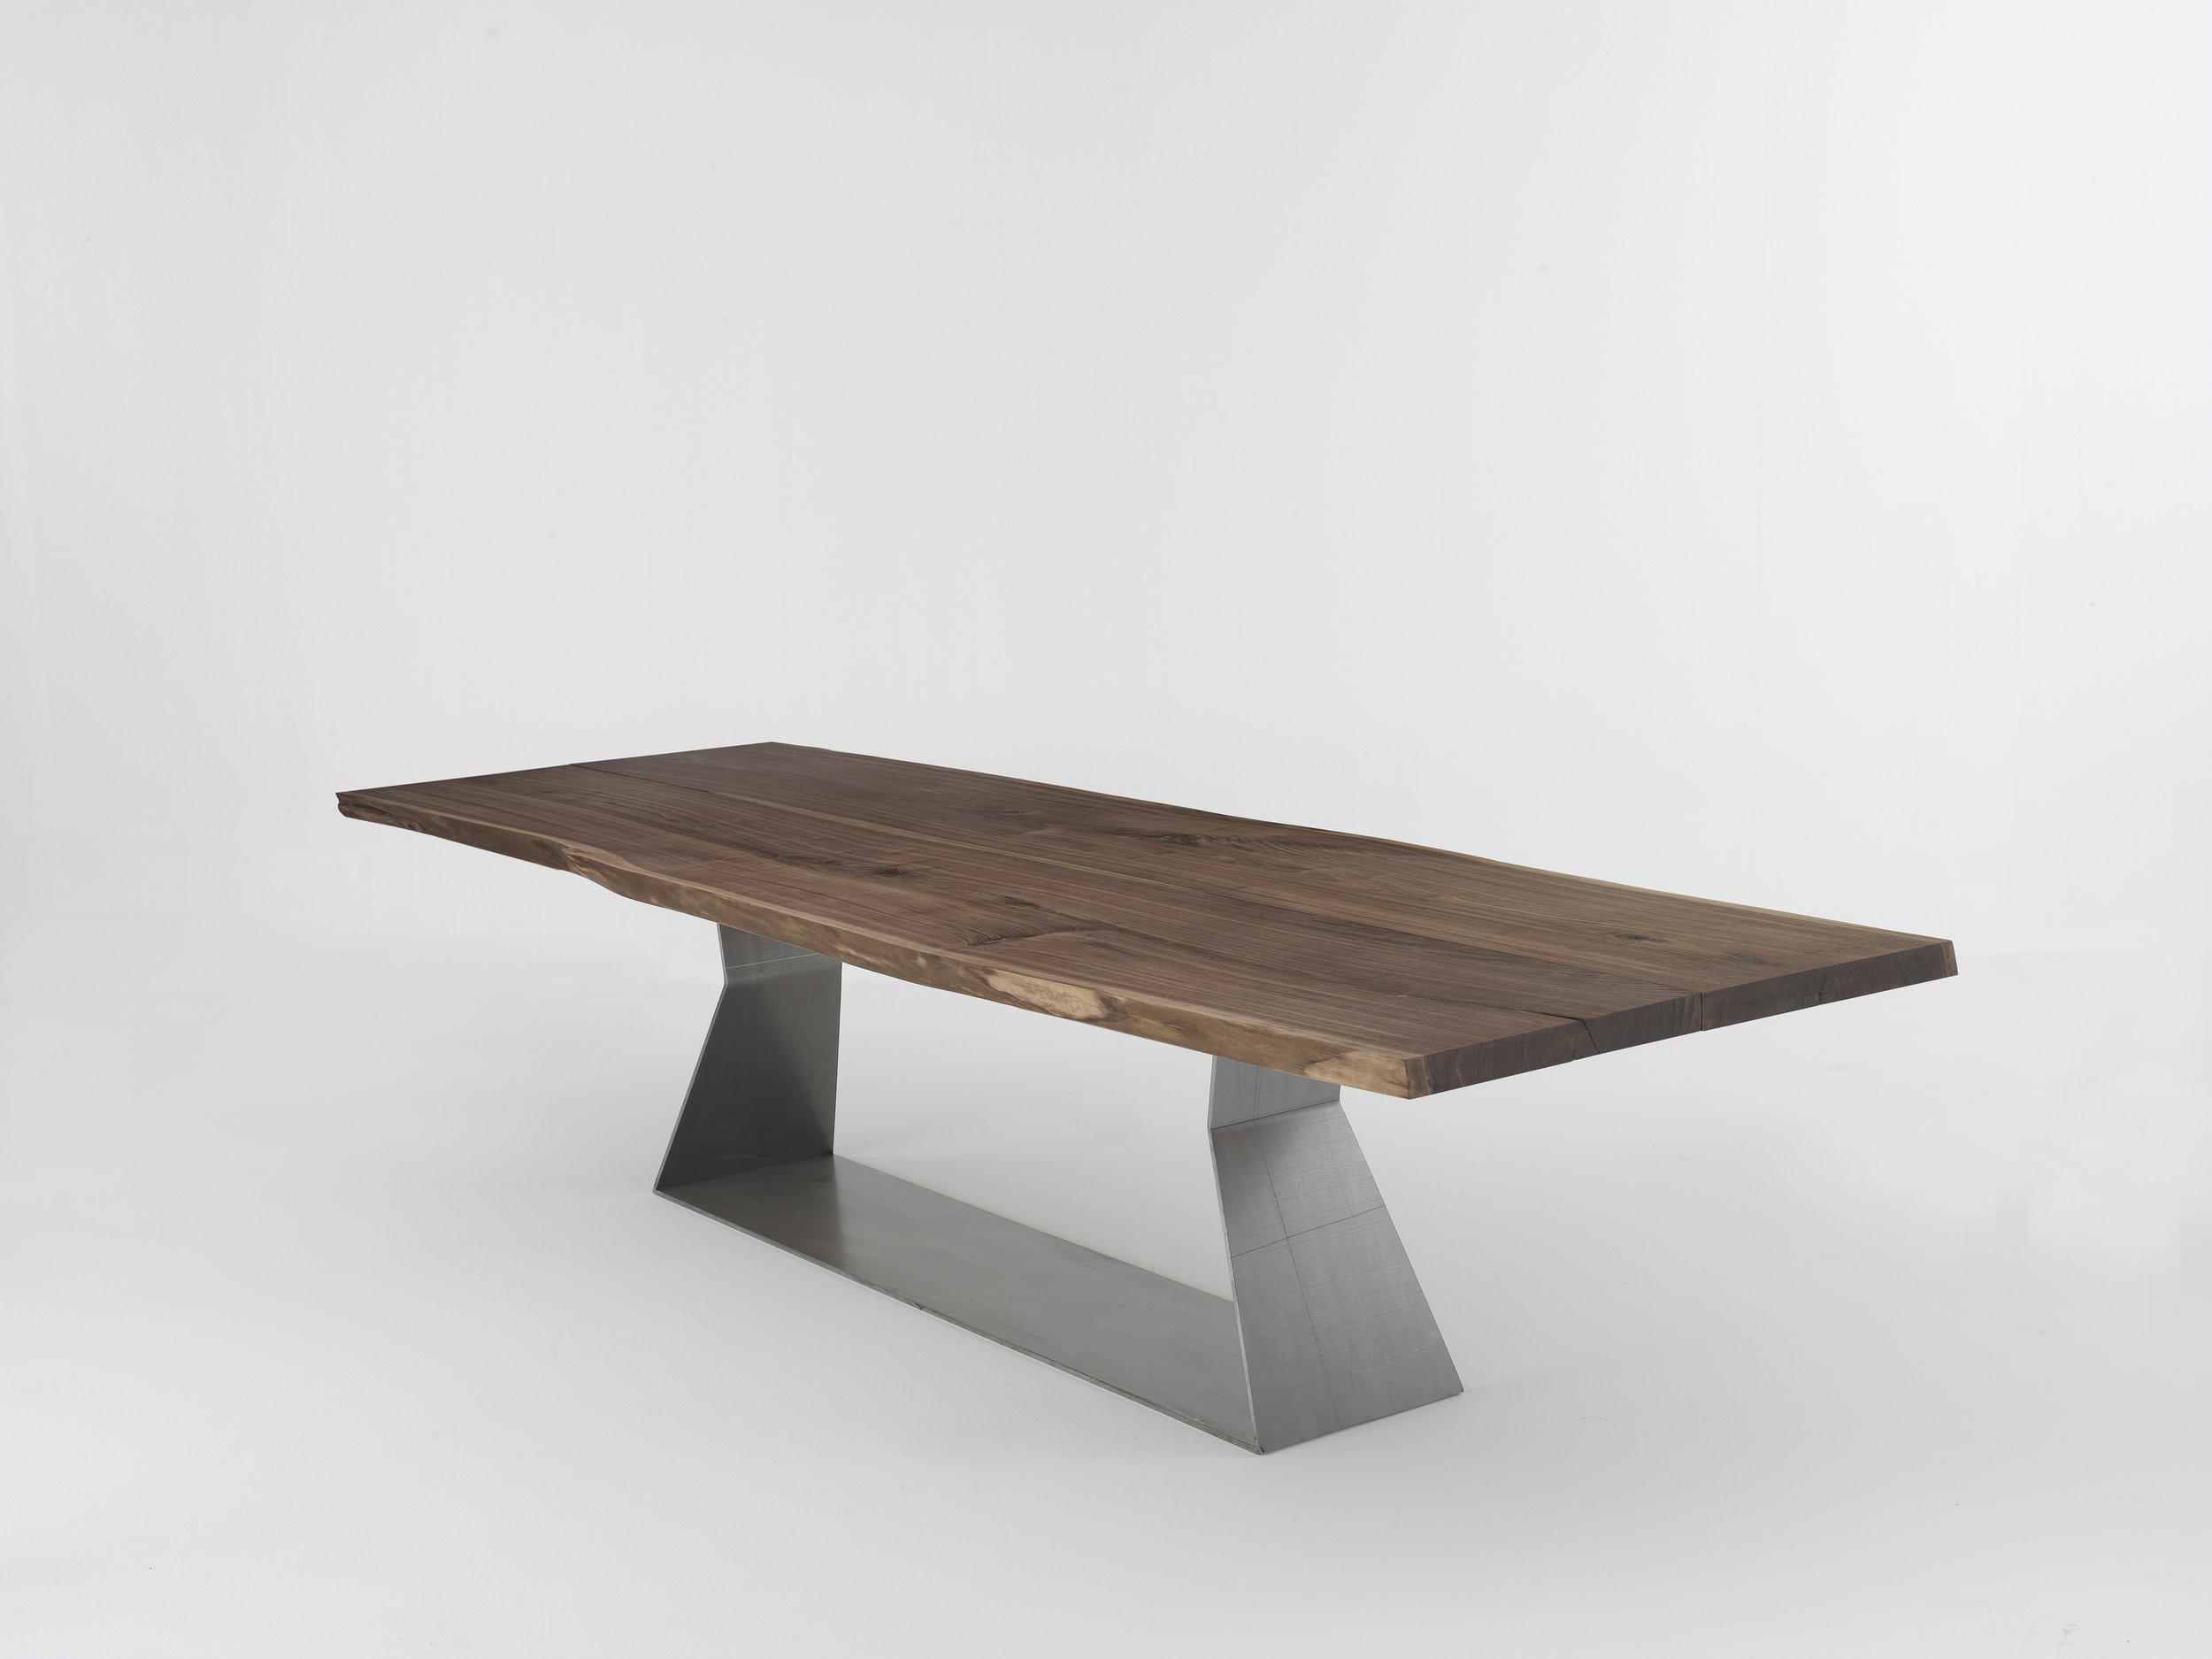 RIVA1920_Bedrock Plank C_walnut3.jpg